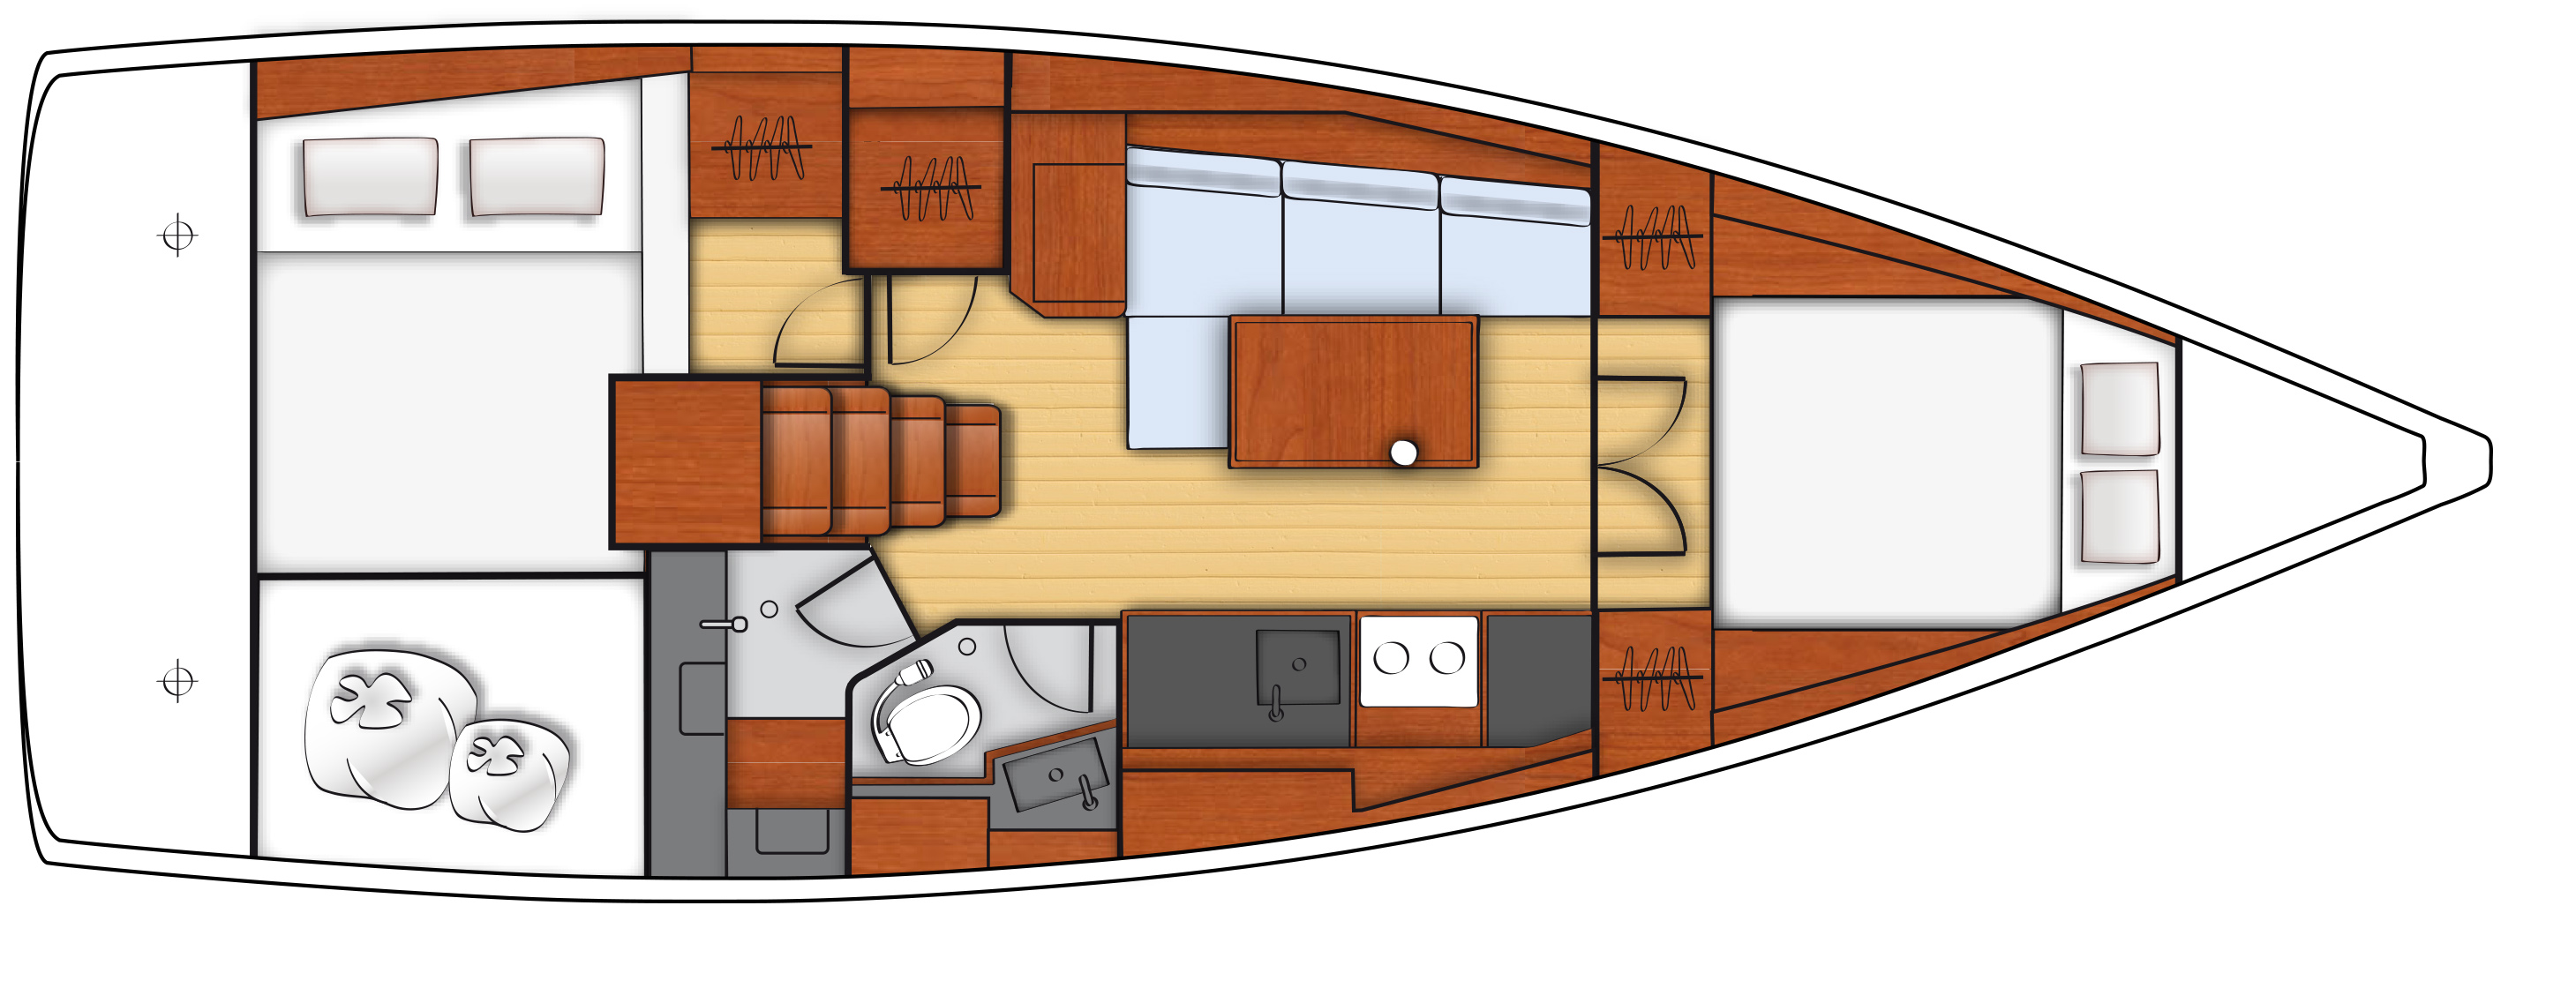 oceanis 38 - 2C 1T side galley